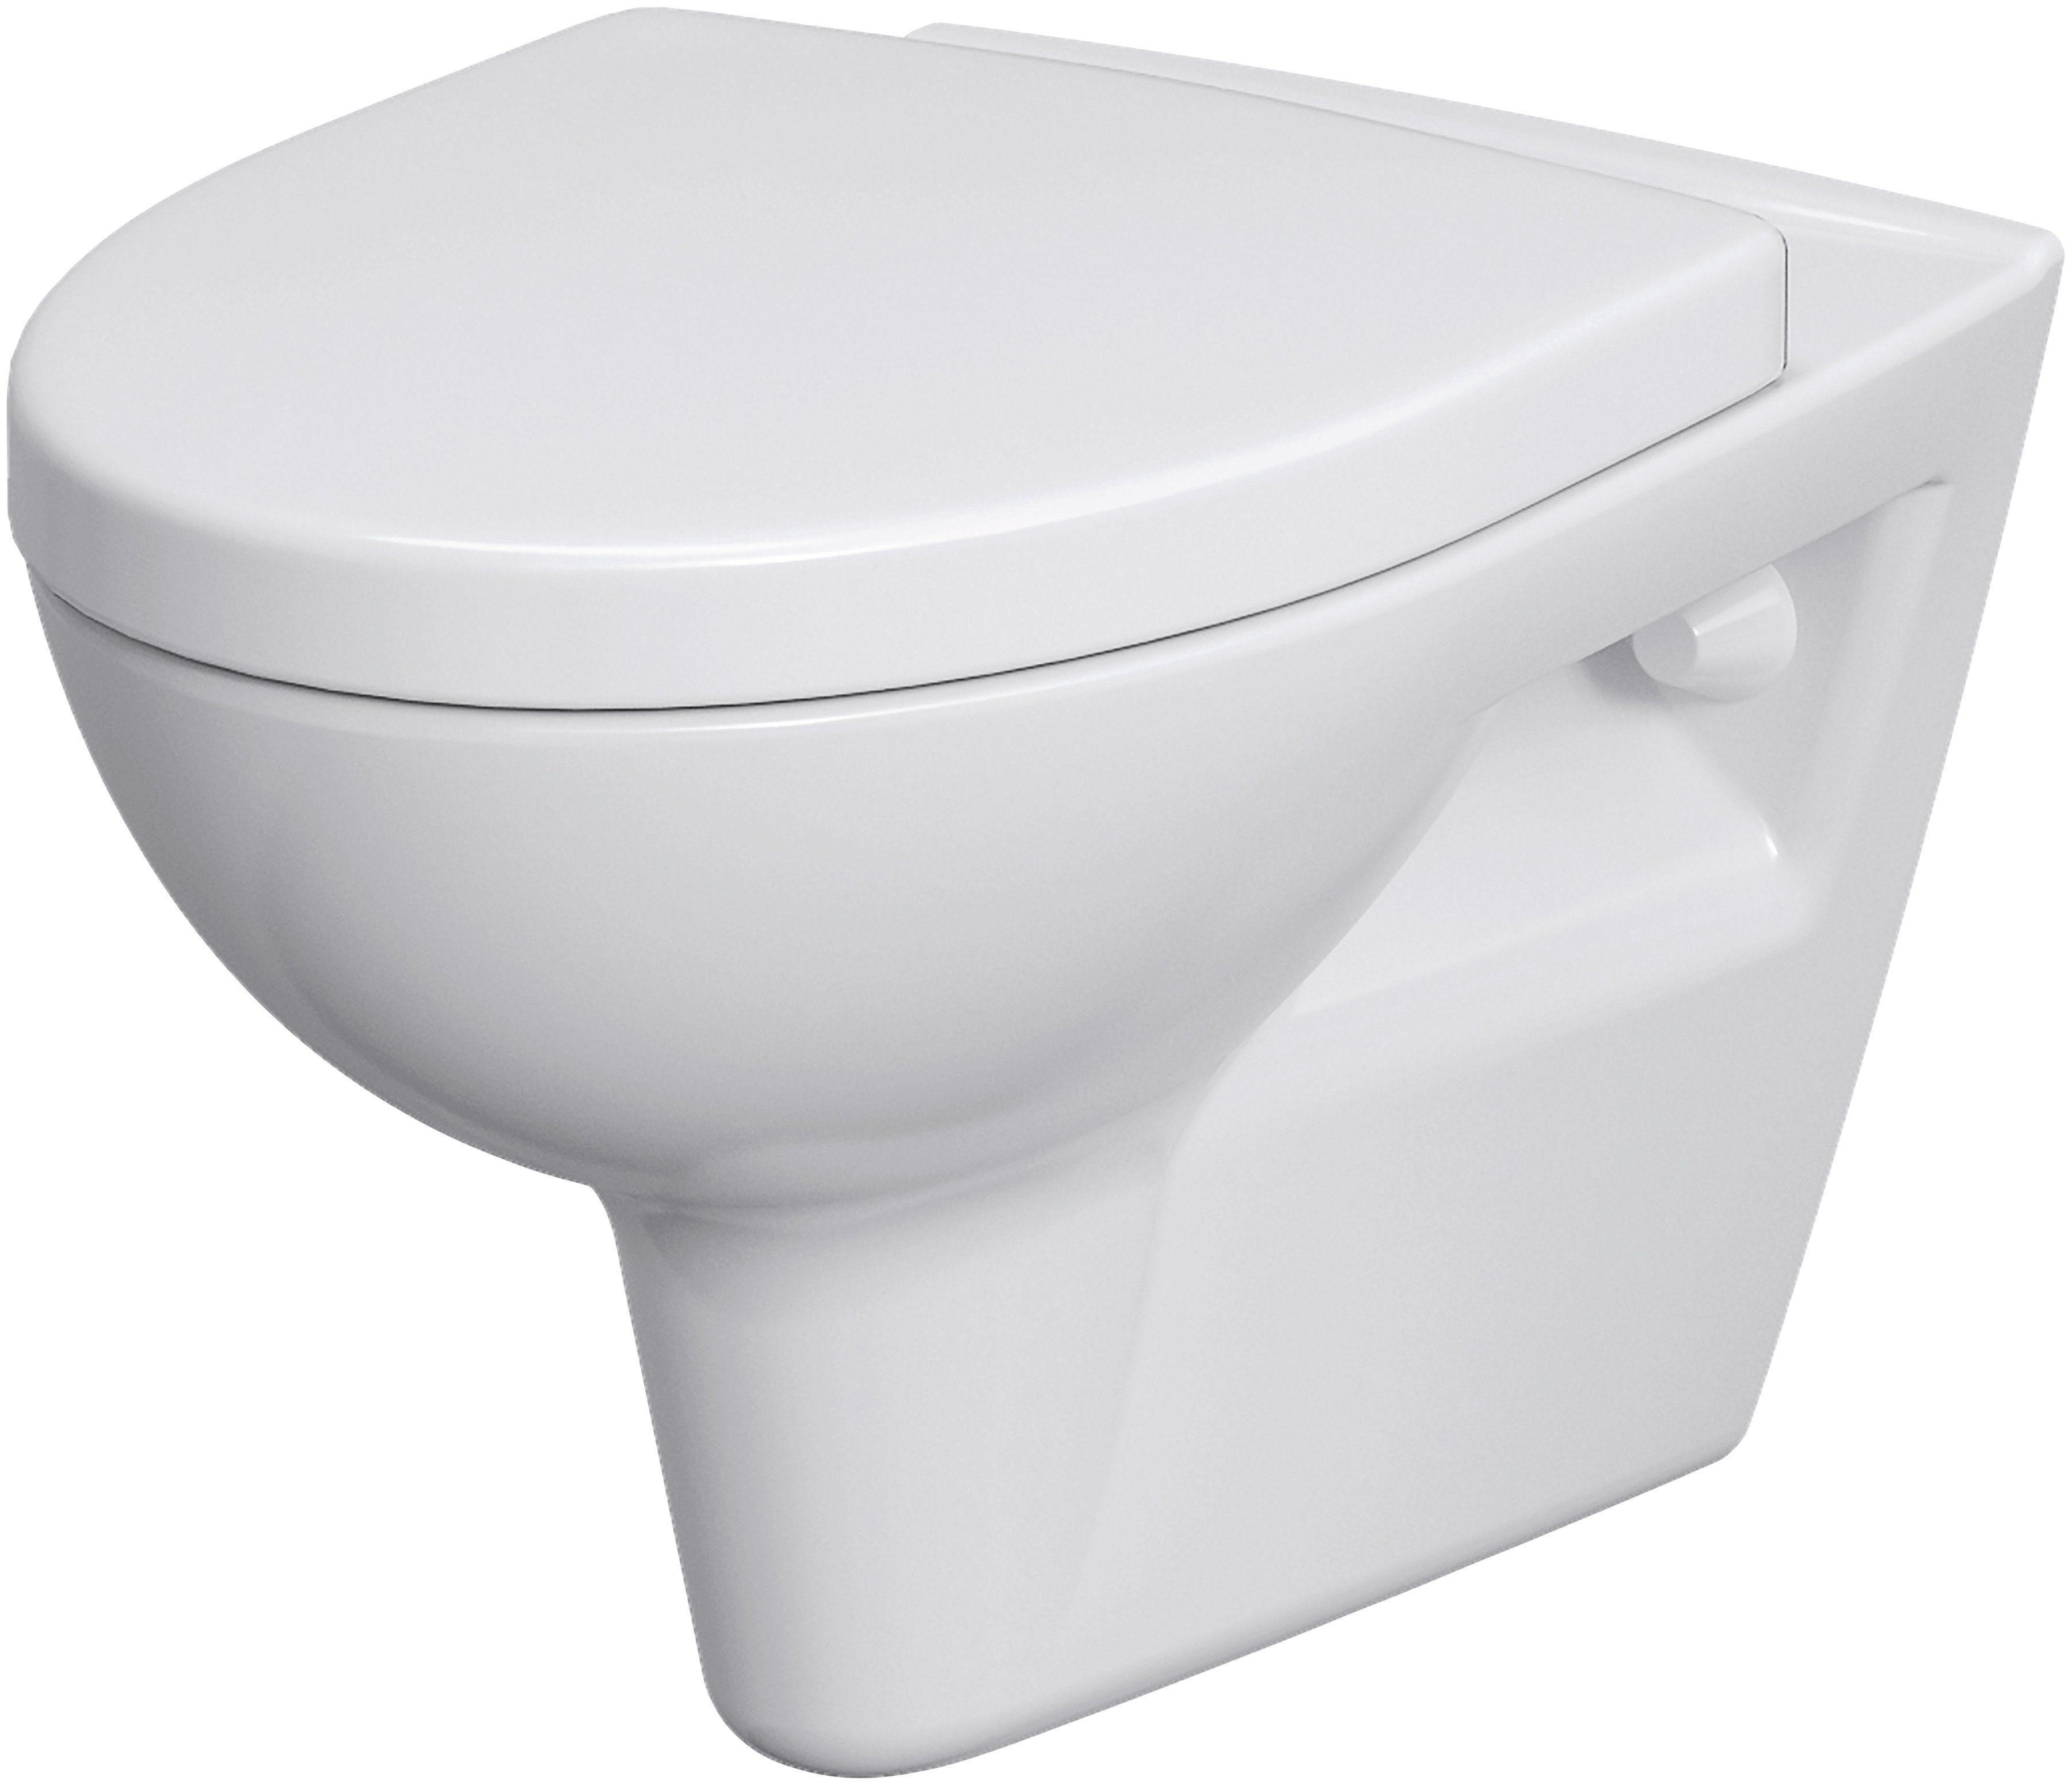 Komplett-Set: Wand WC »Montego spülrandlos«